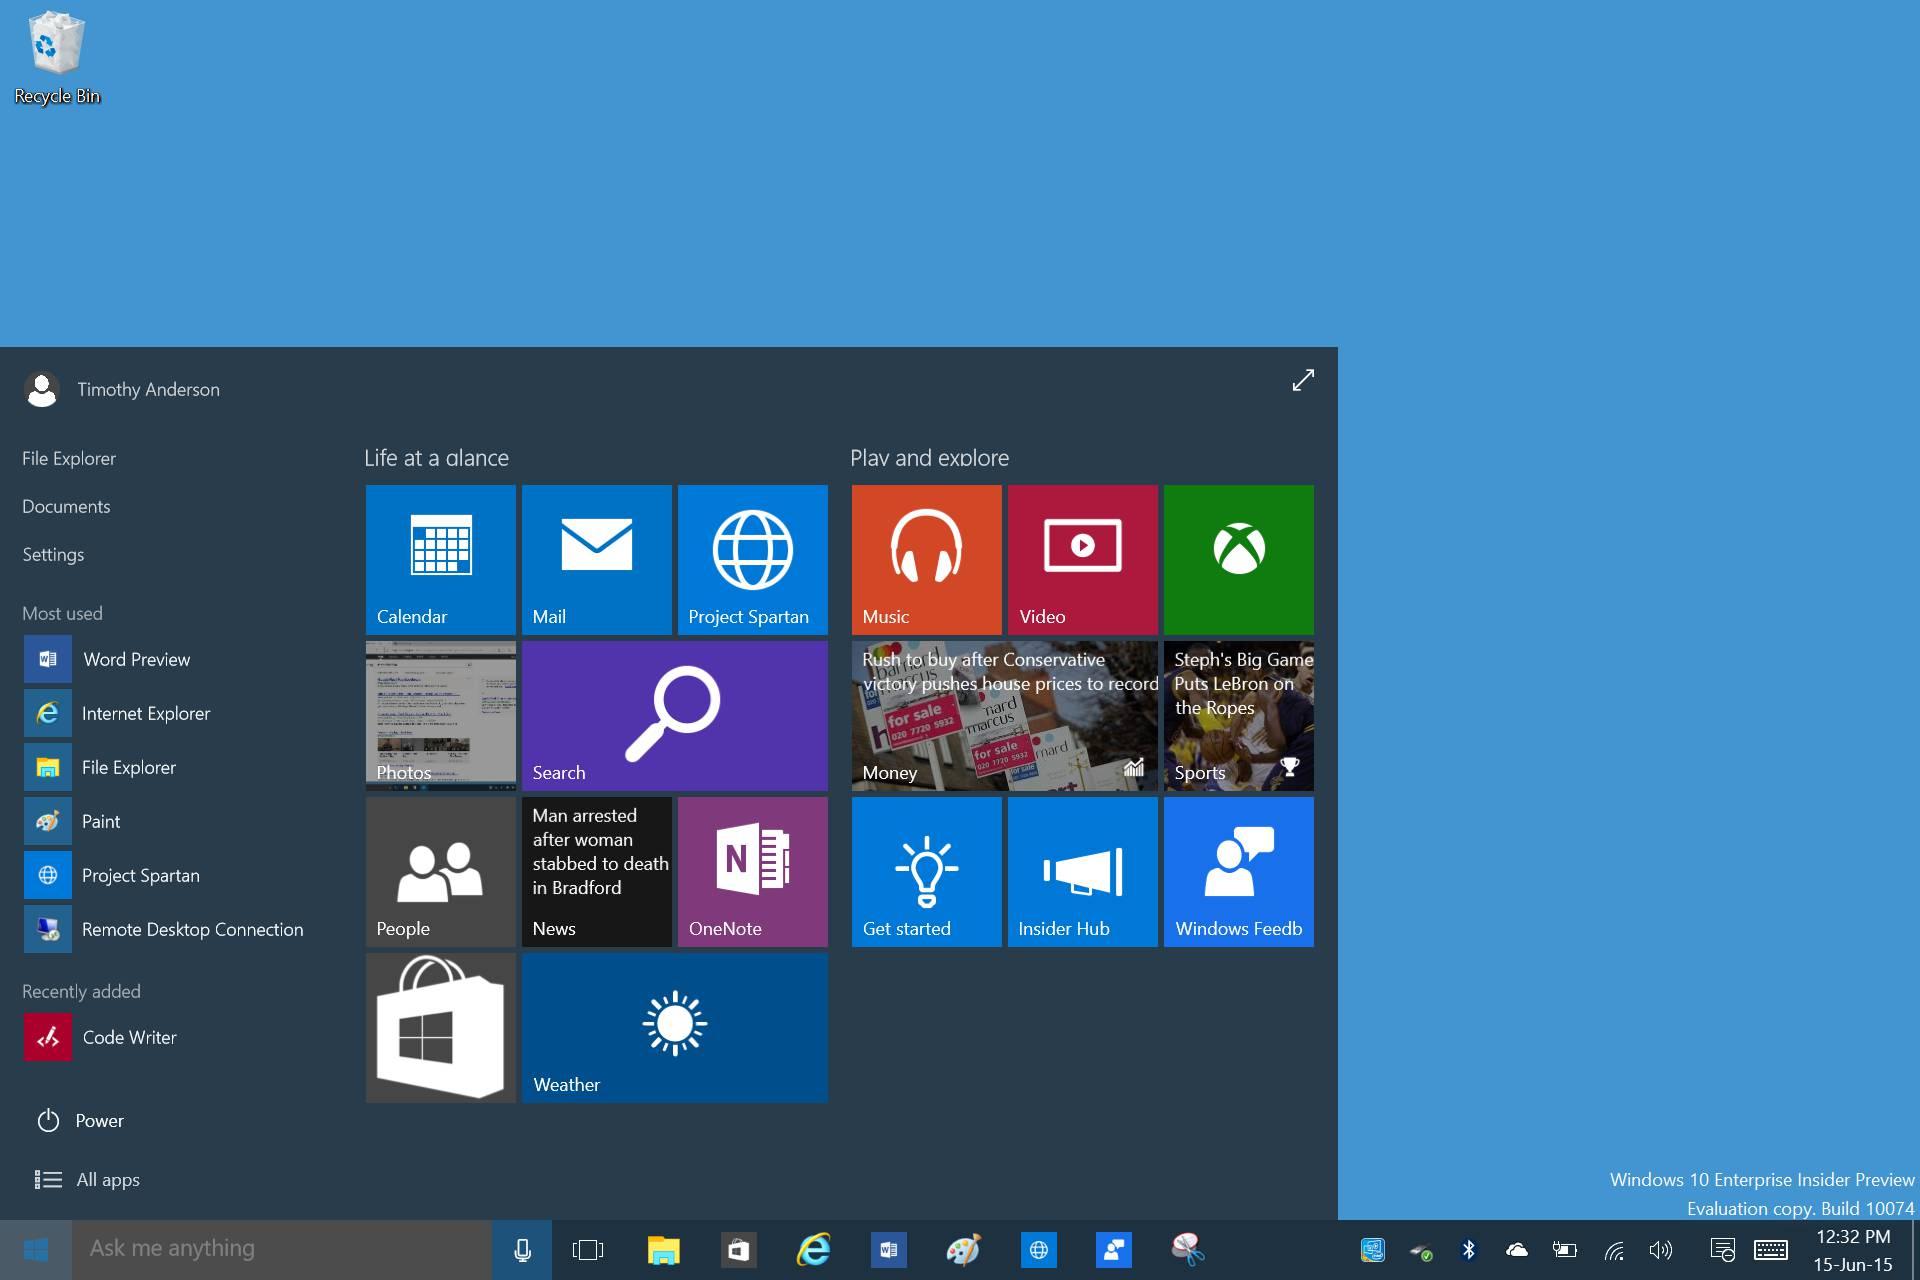 Windows 10 on Surface 3